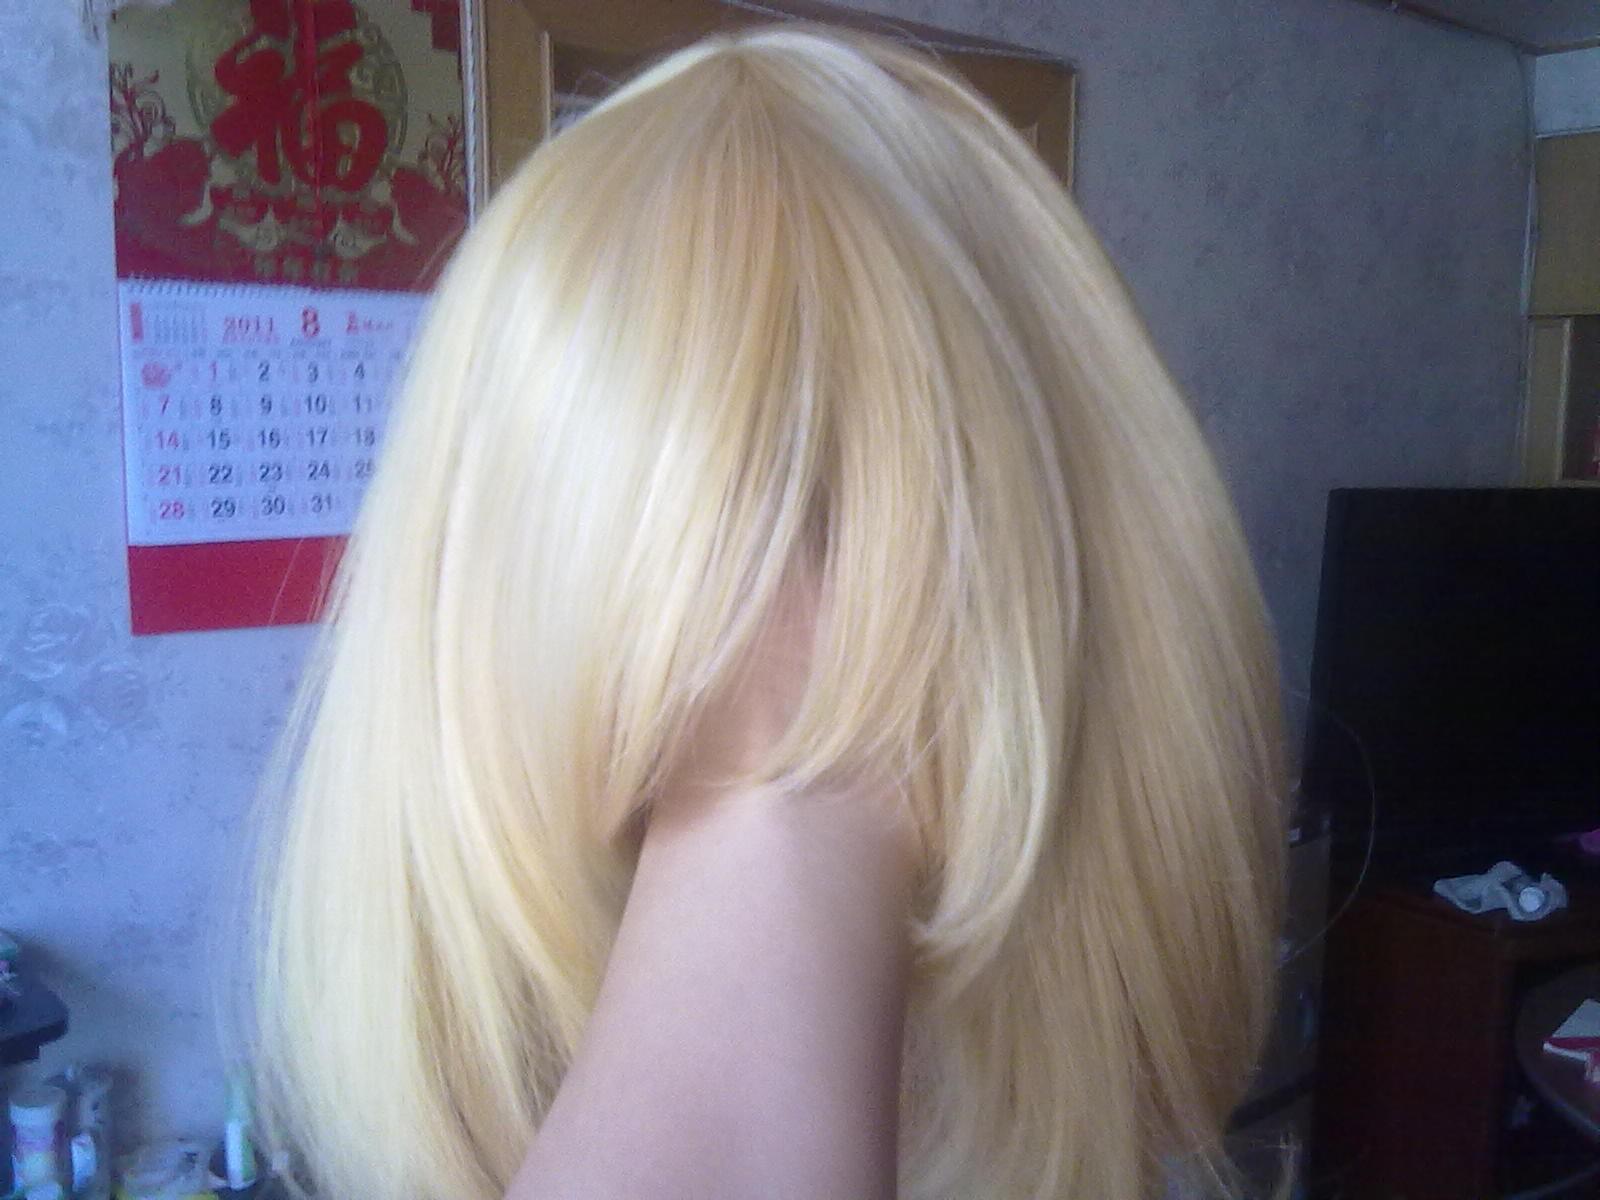 女人屄的秘�_阴部稀疏乌亮的屄毛下_头发稀疏怎样能变得密_眉毛末端稀疏的男的